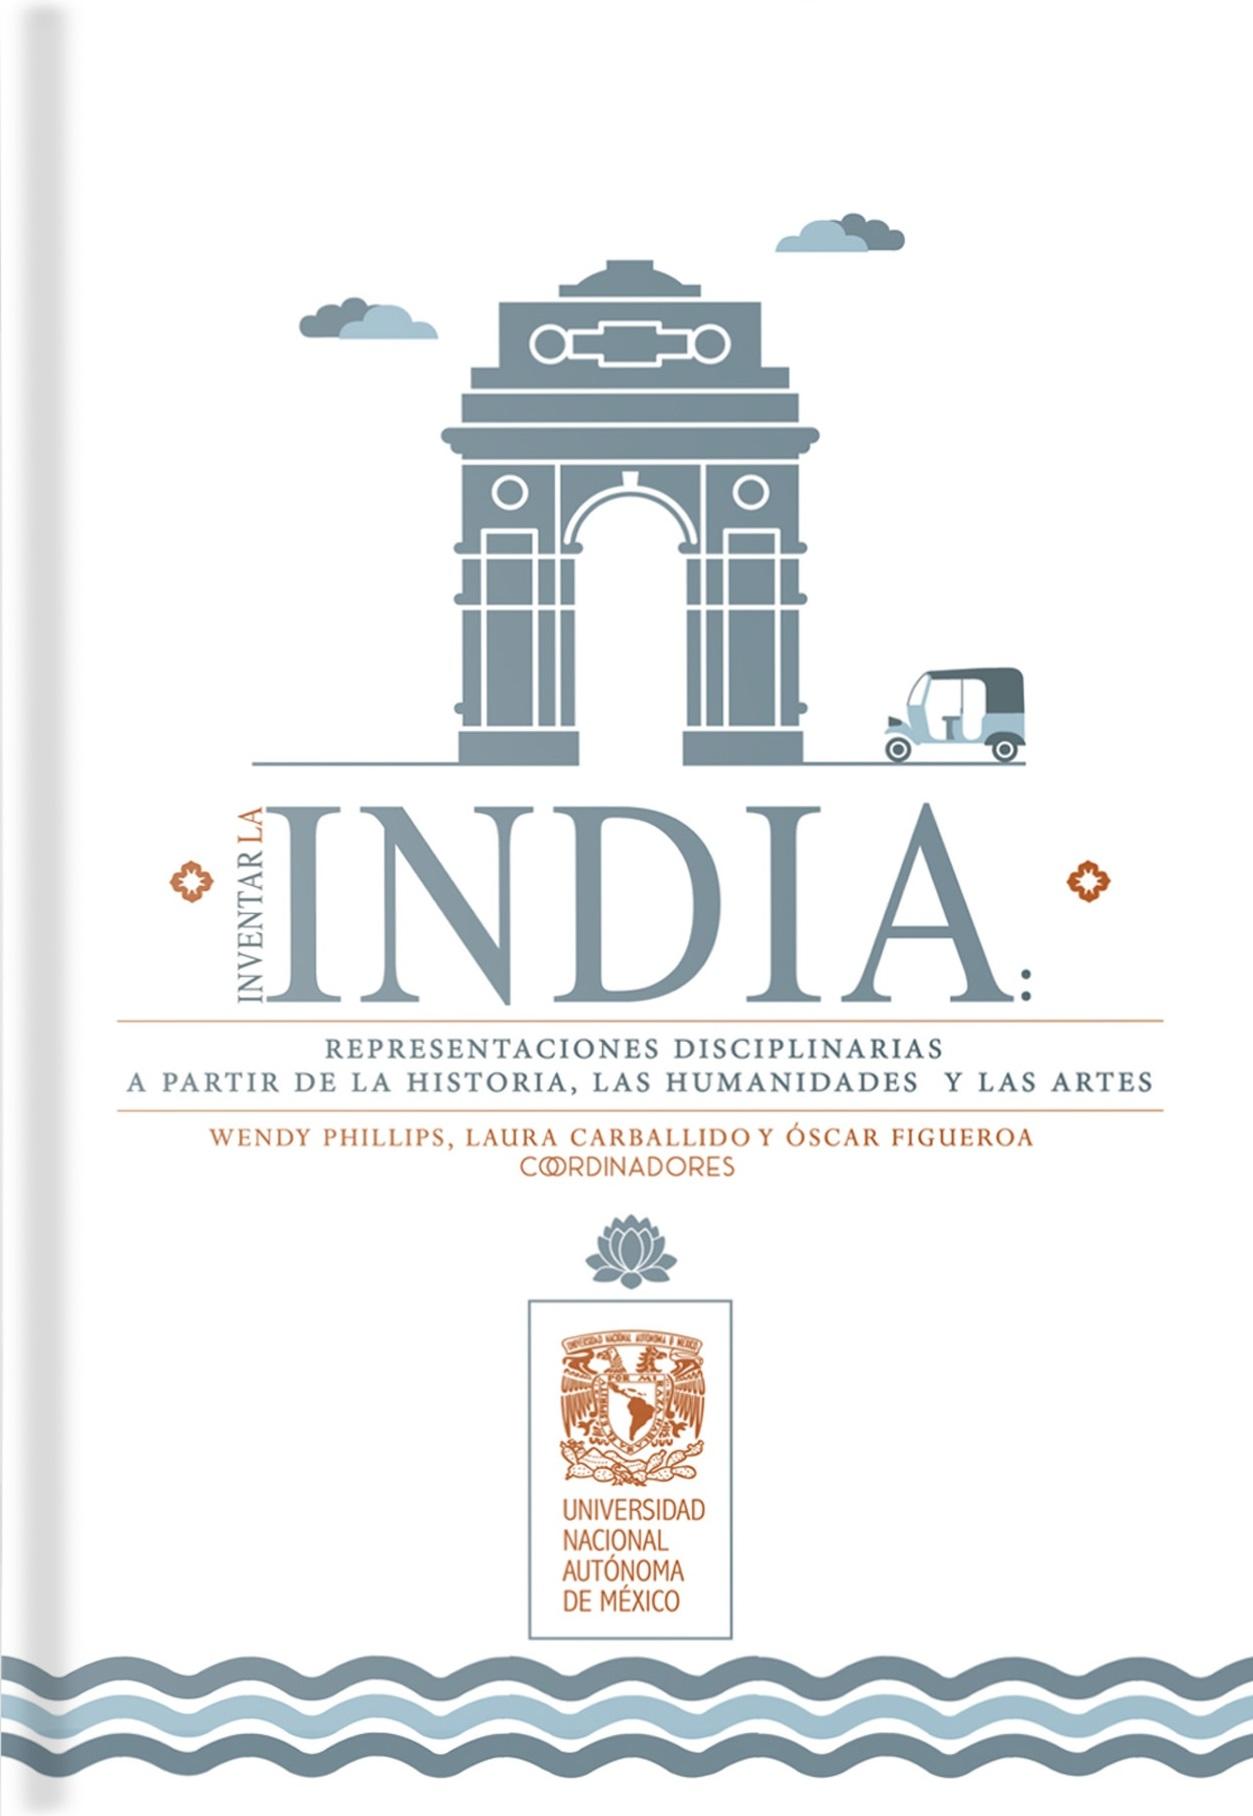 Inventar la India Representaciones disciplinarias a partir de la historia, las humanidades y las artes